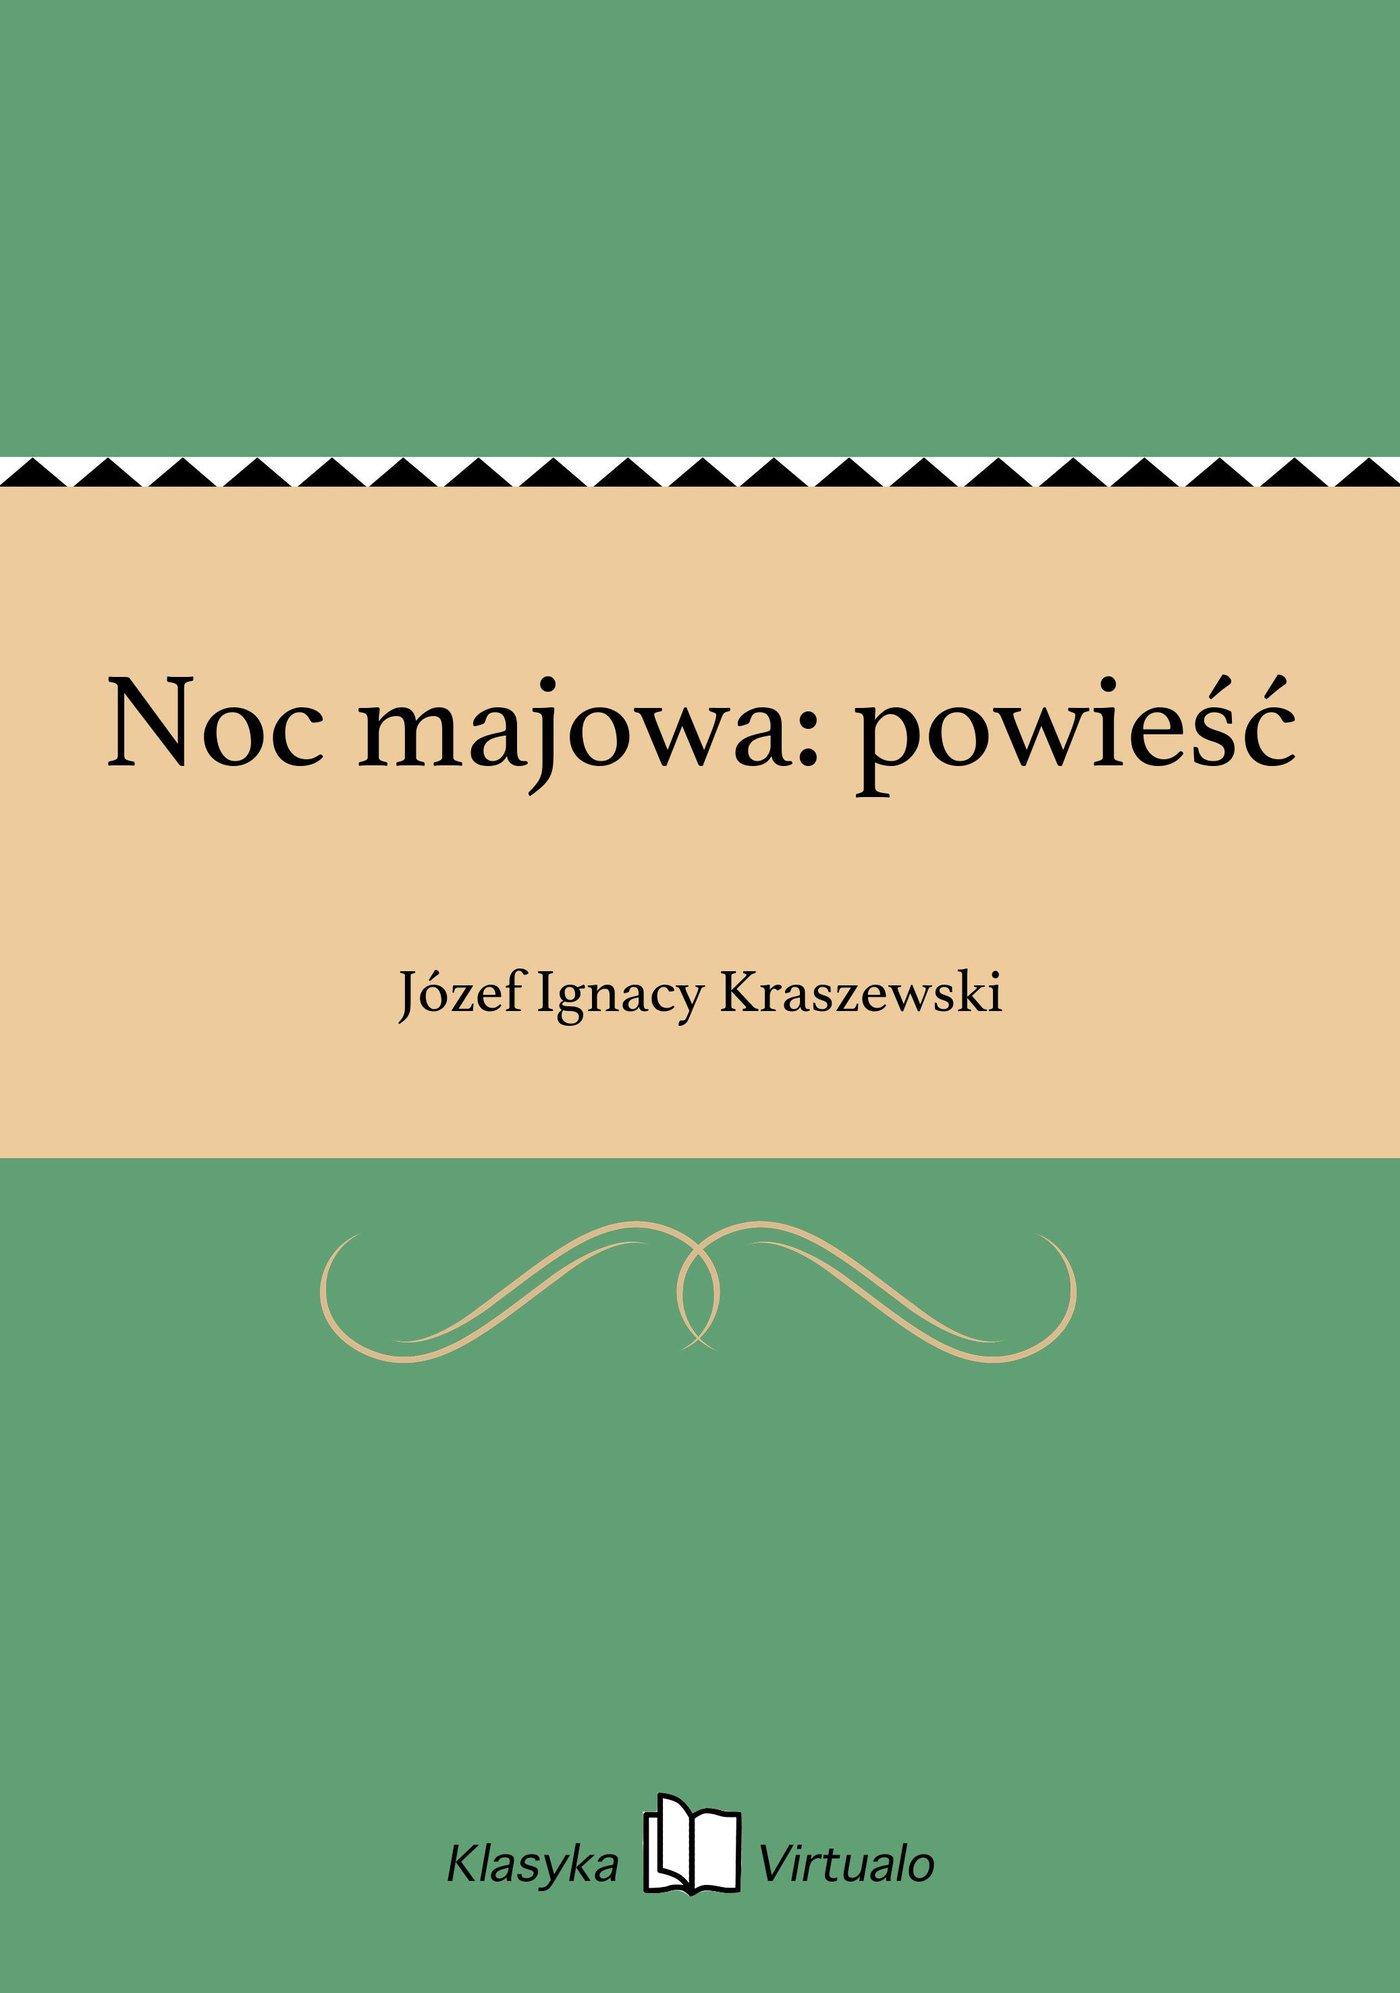 Noc majowa: powieść - Ebook (Książka EPUB) do pobrania w formacie EPUB